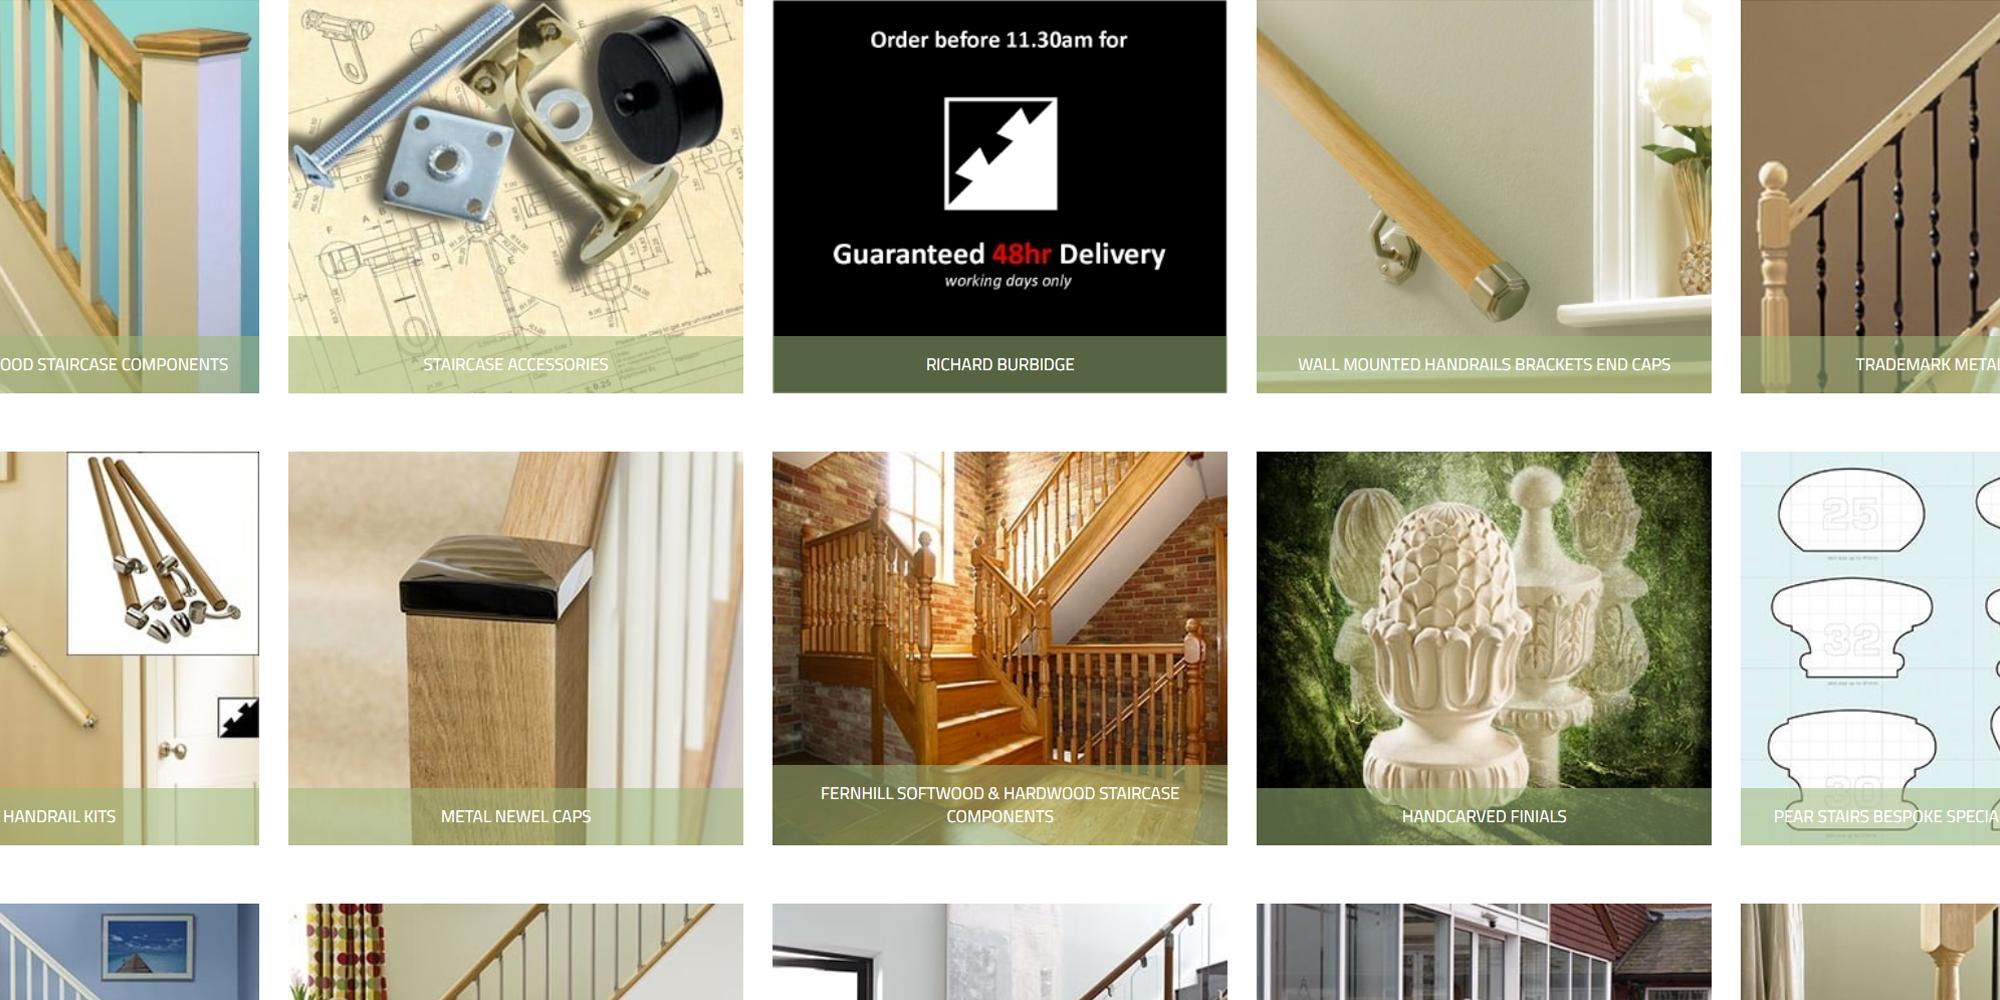 richard burbidge store, pear stairs store, stair pasrts online store, stair parts online